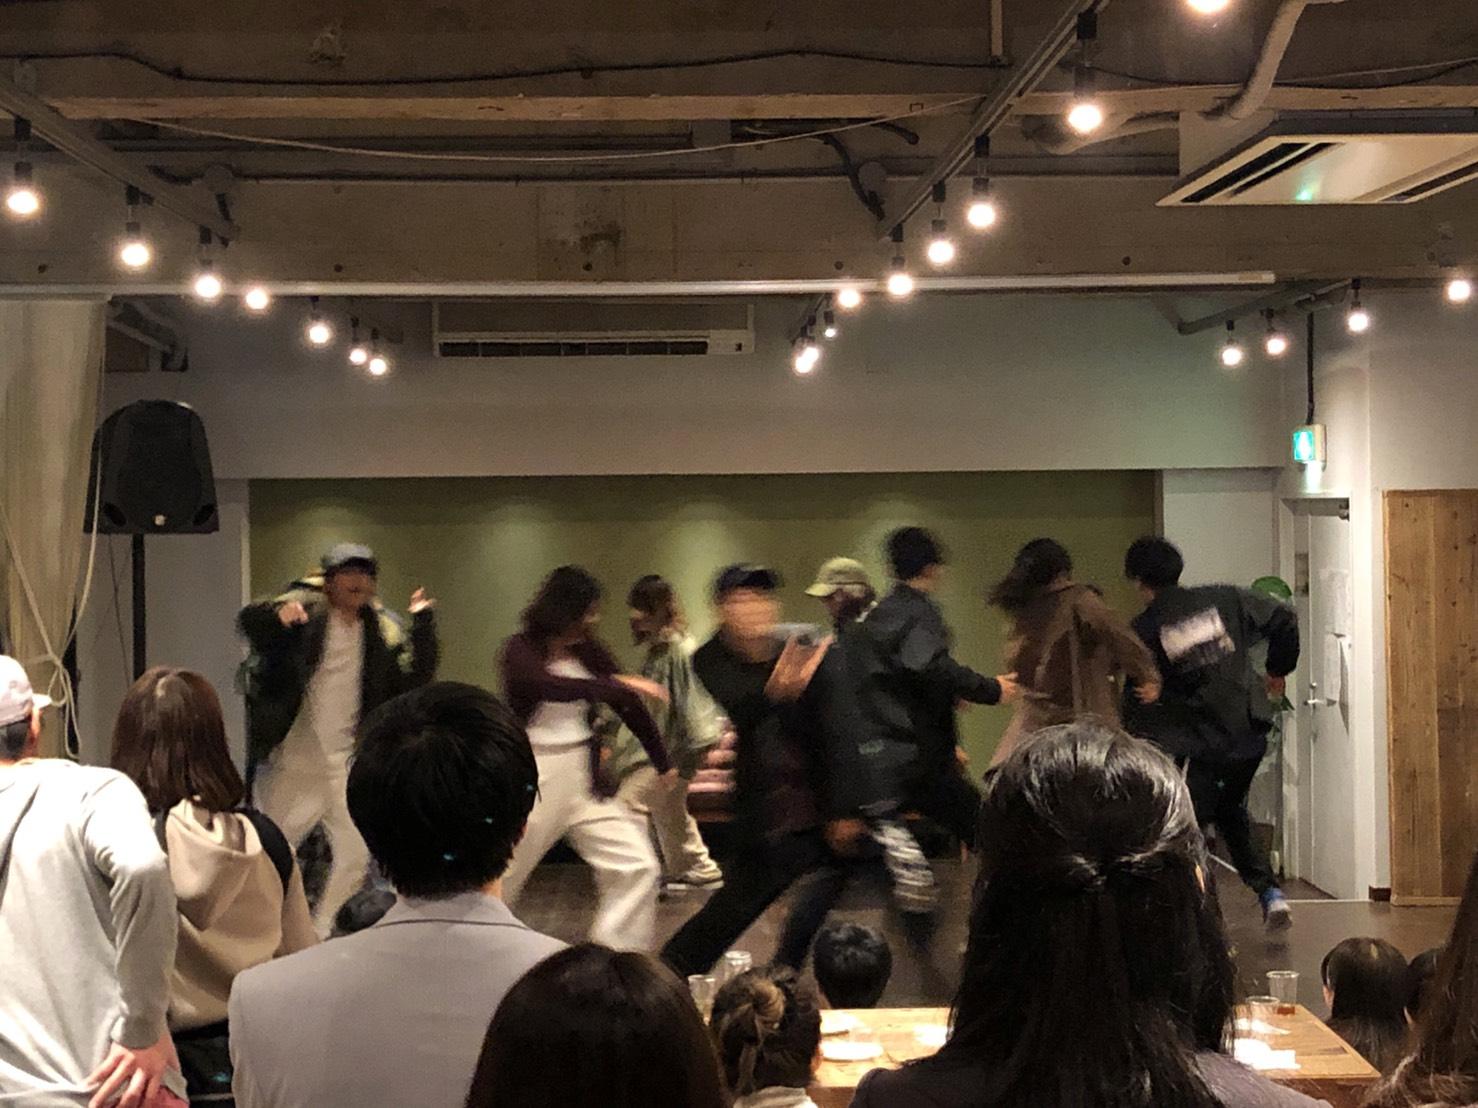 ダンスOKなレンタルスペース!ダンス部OB会@Mace千駄ヶ谷|TIME SHARING|タイムシェアリング |スペースマネジメント|あどばる|adval|SHARING